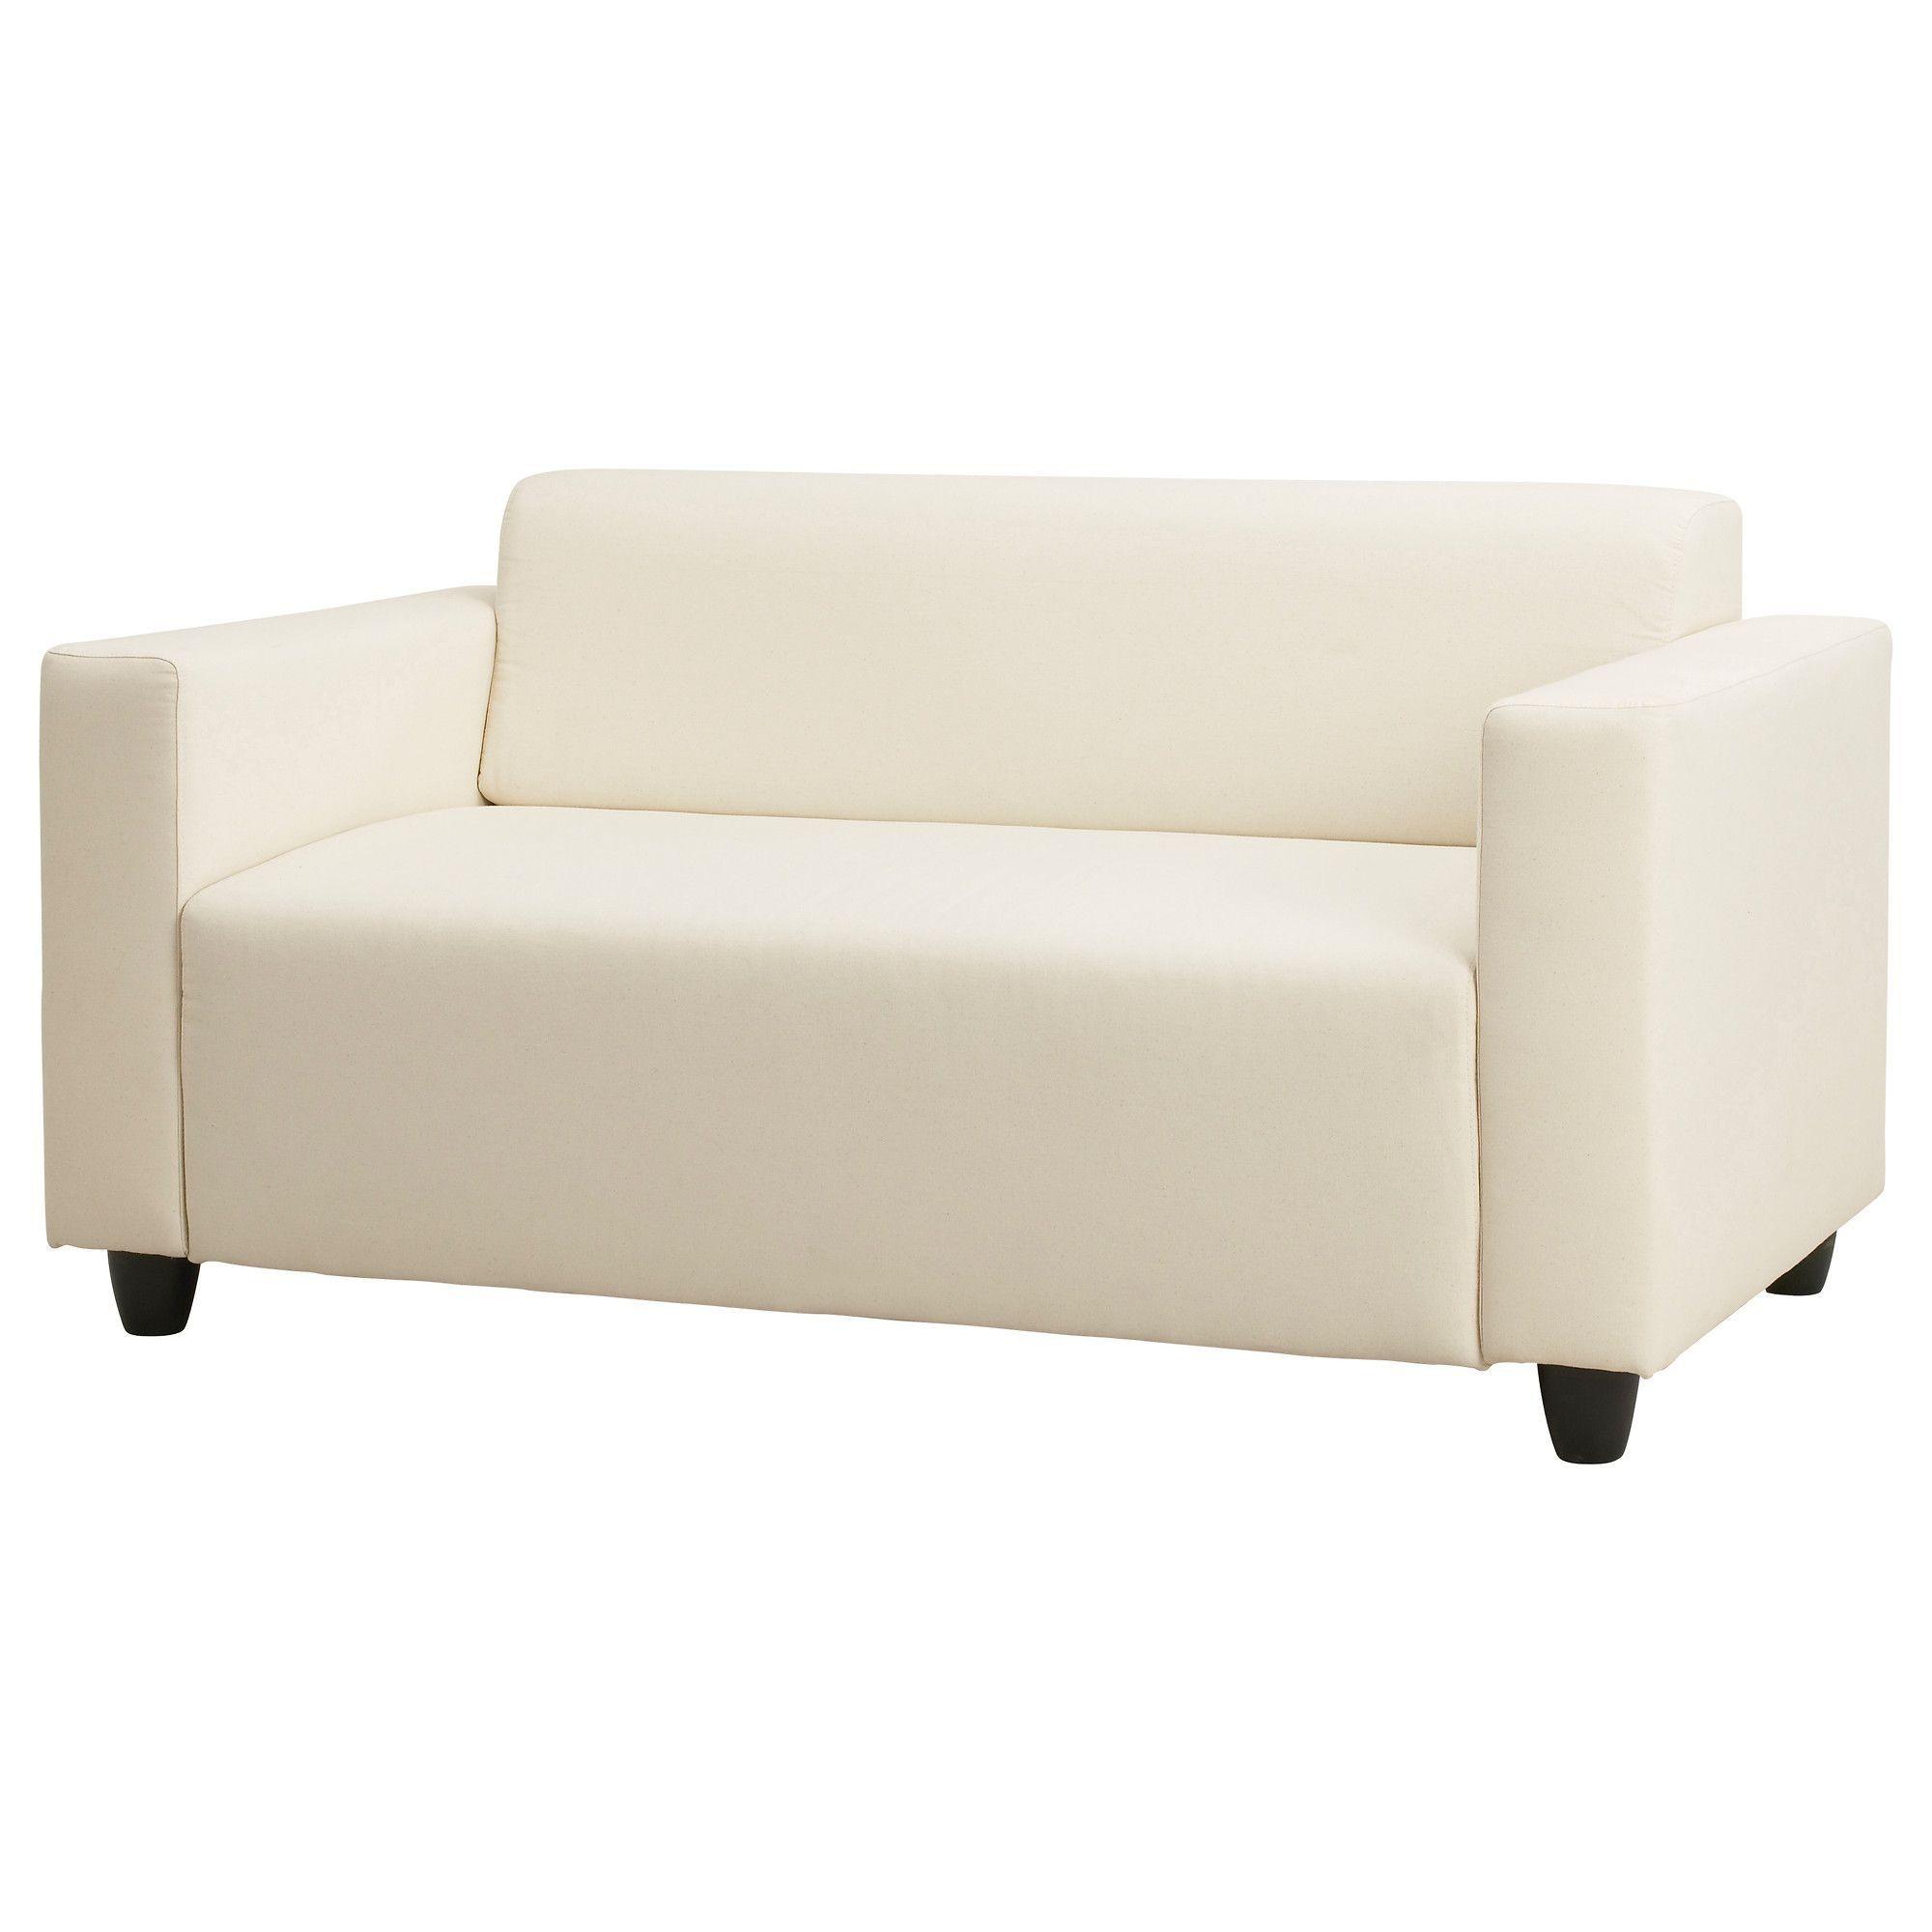 Ikea Housse De Clic Clac Meilleur De Collection Matelas Design Intéressant Matelas Pas Cher Ikea Inspirant Housse